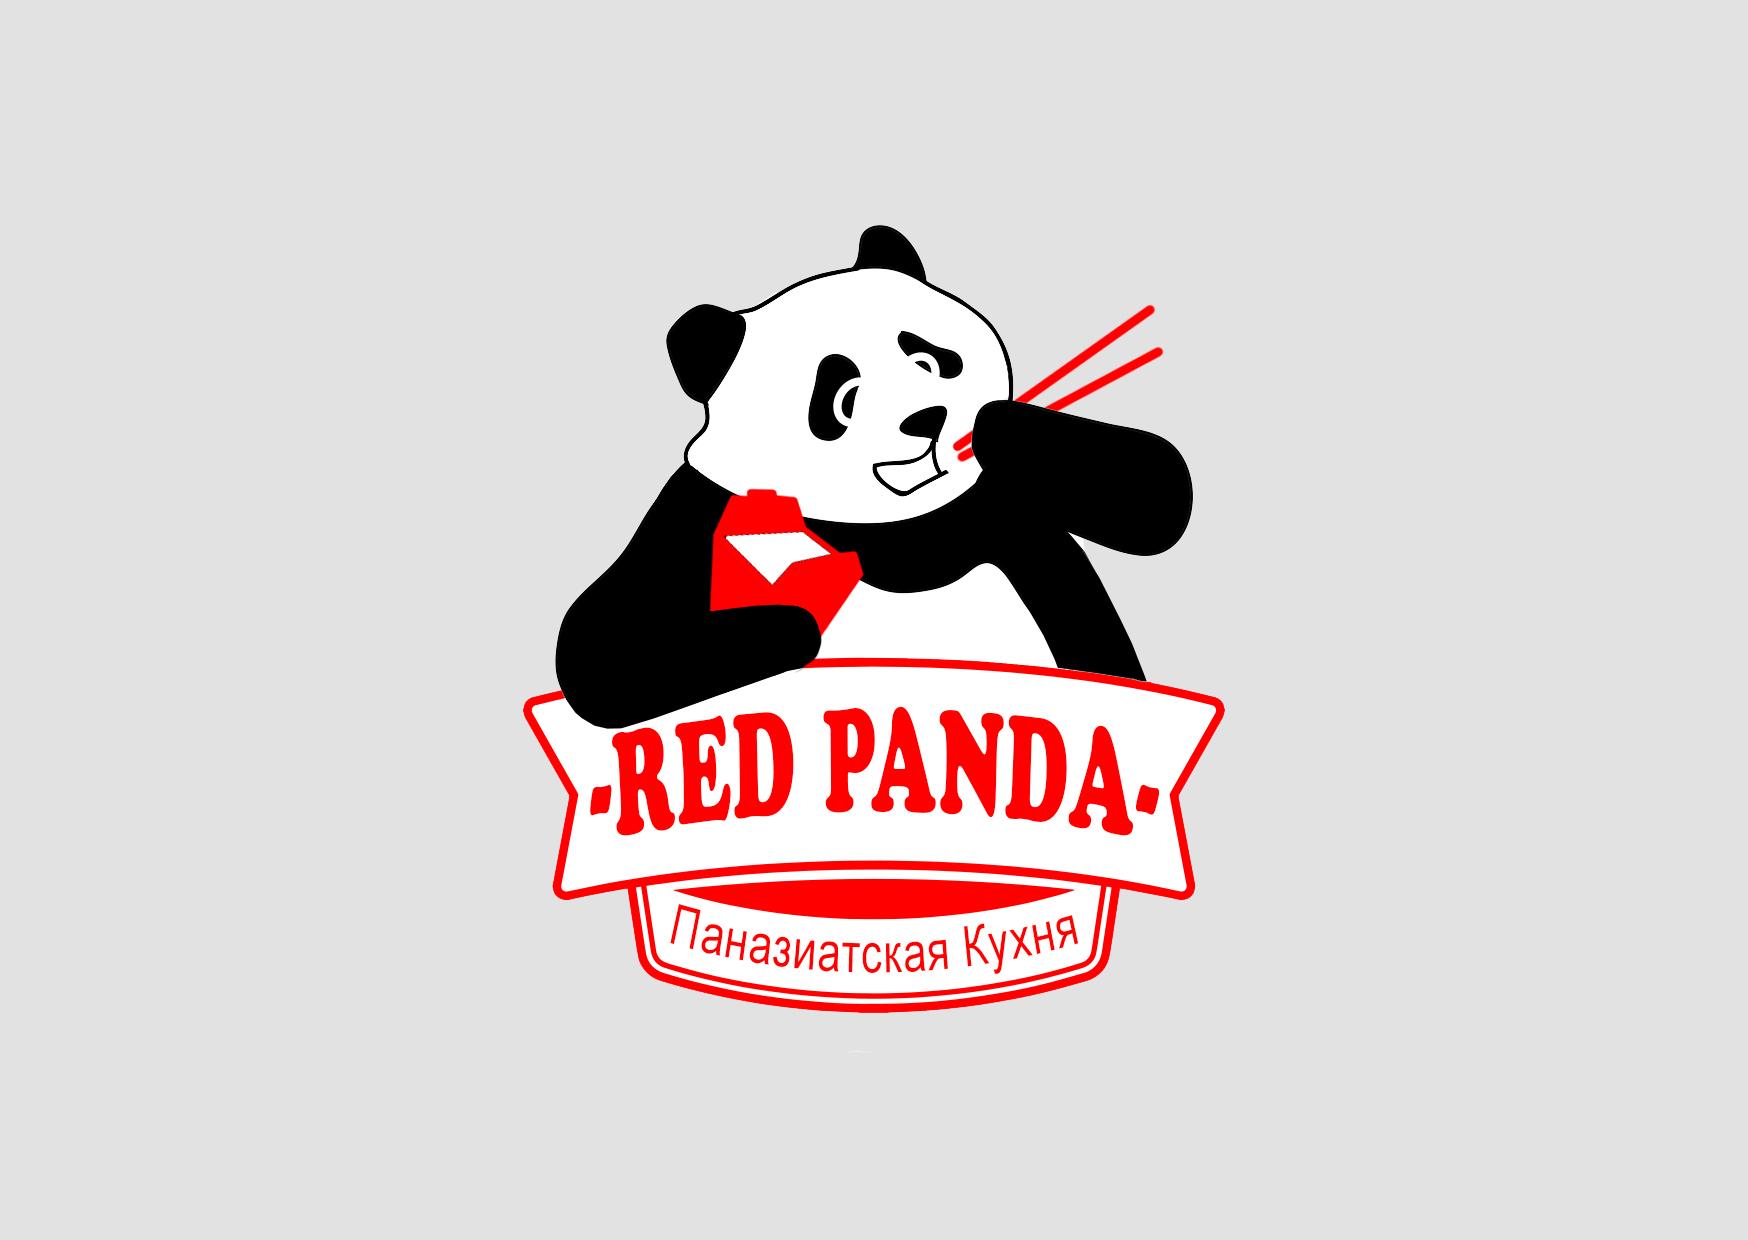 Лого из конкурса